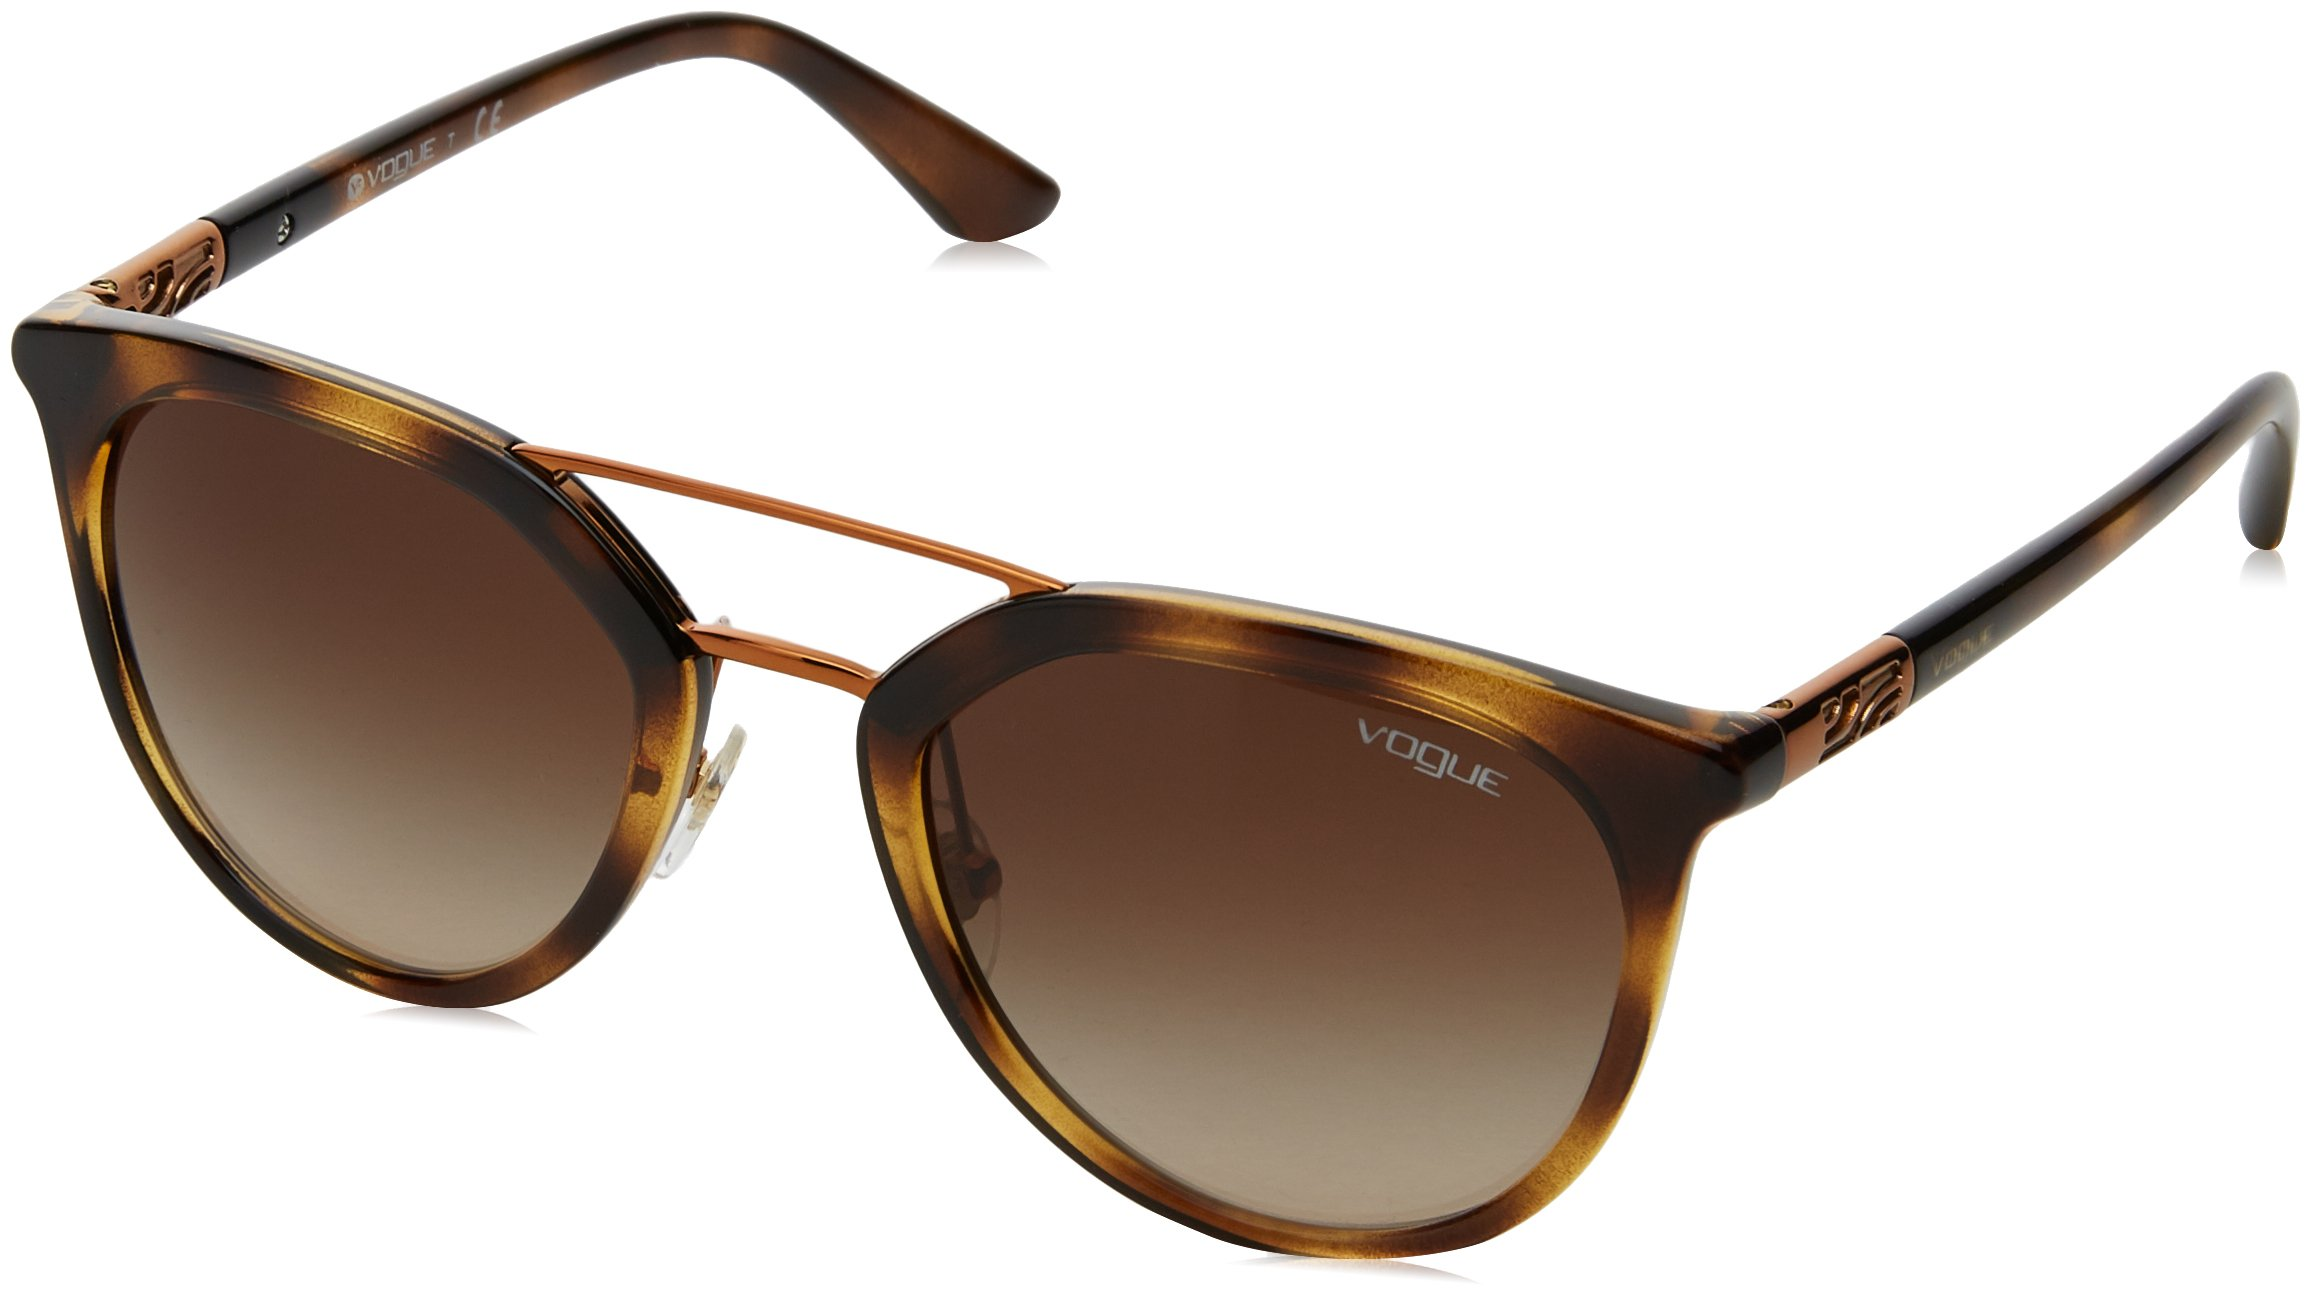 Ray-Ban Women's Plastic Woman Round Sunglasses, Dark Havana, 52 mm